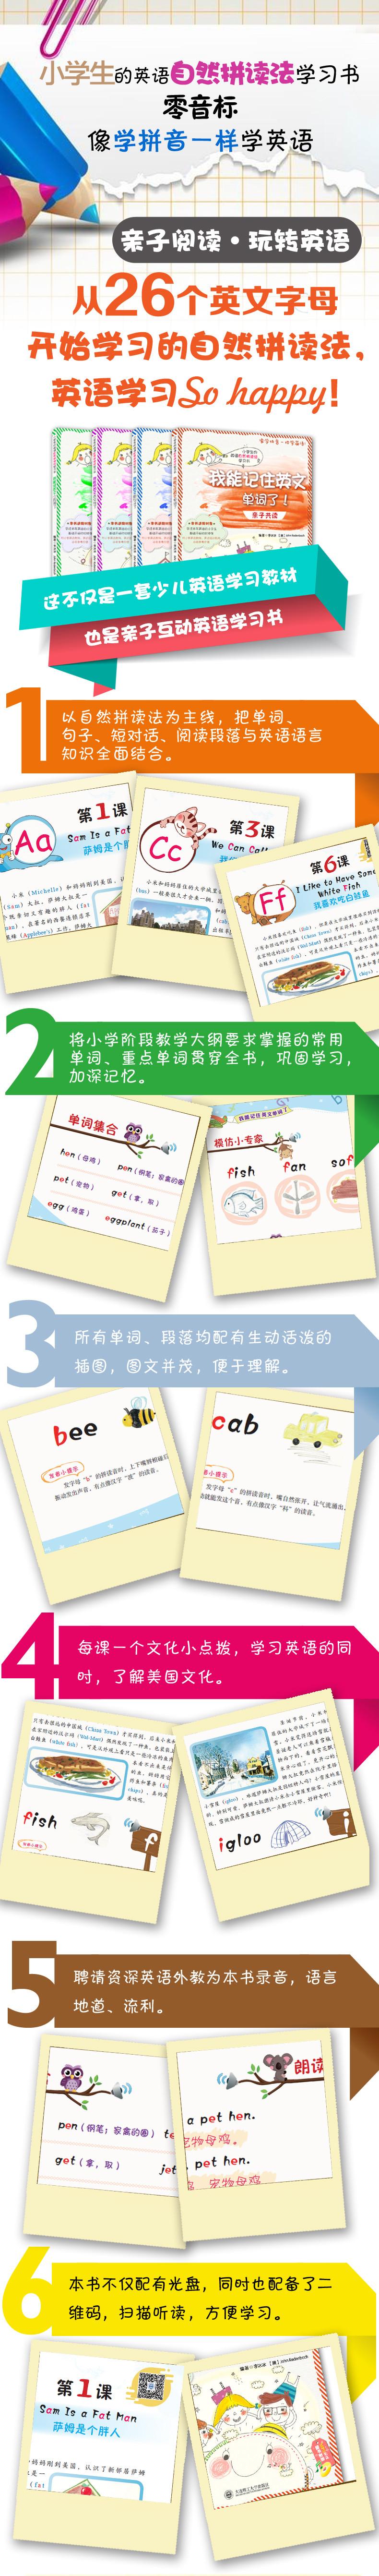 小学生的英语自然拼读法学习书 我能读英文小段落了